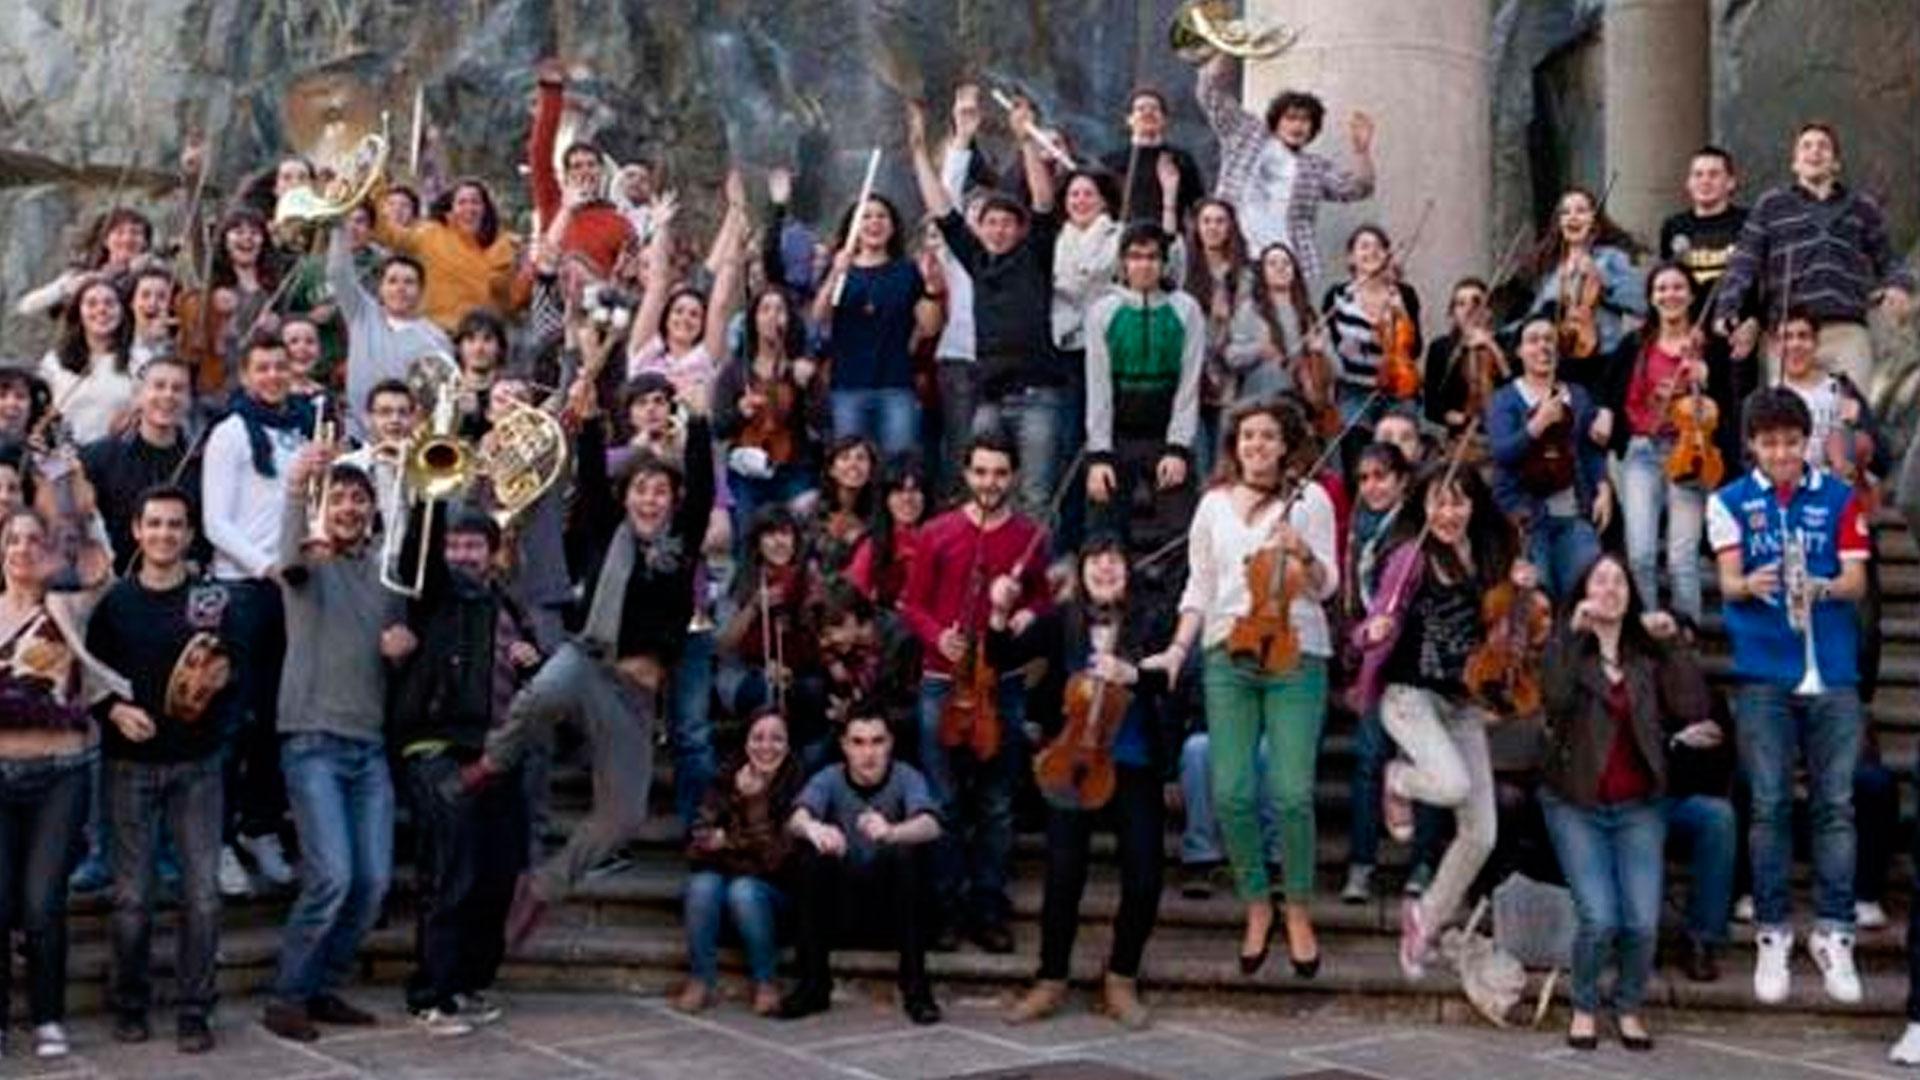 La Orquesta Joven de la OSG culmina su encuentro de marzo con conciertos en Santiago y A Coruña acompañada por la Orquesta de Niños